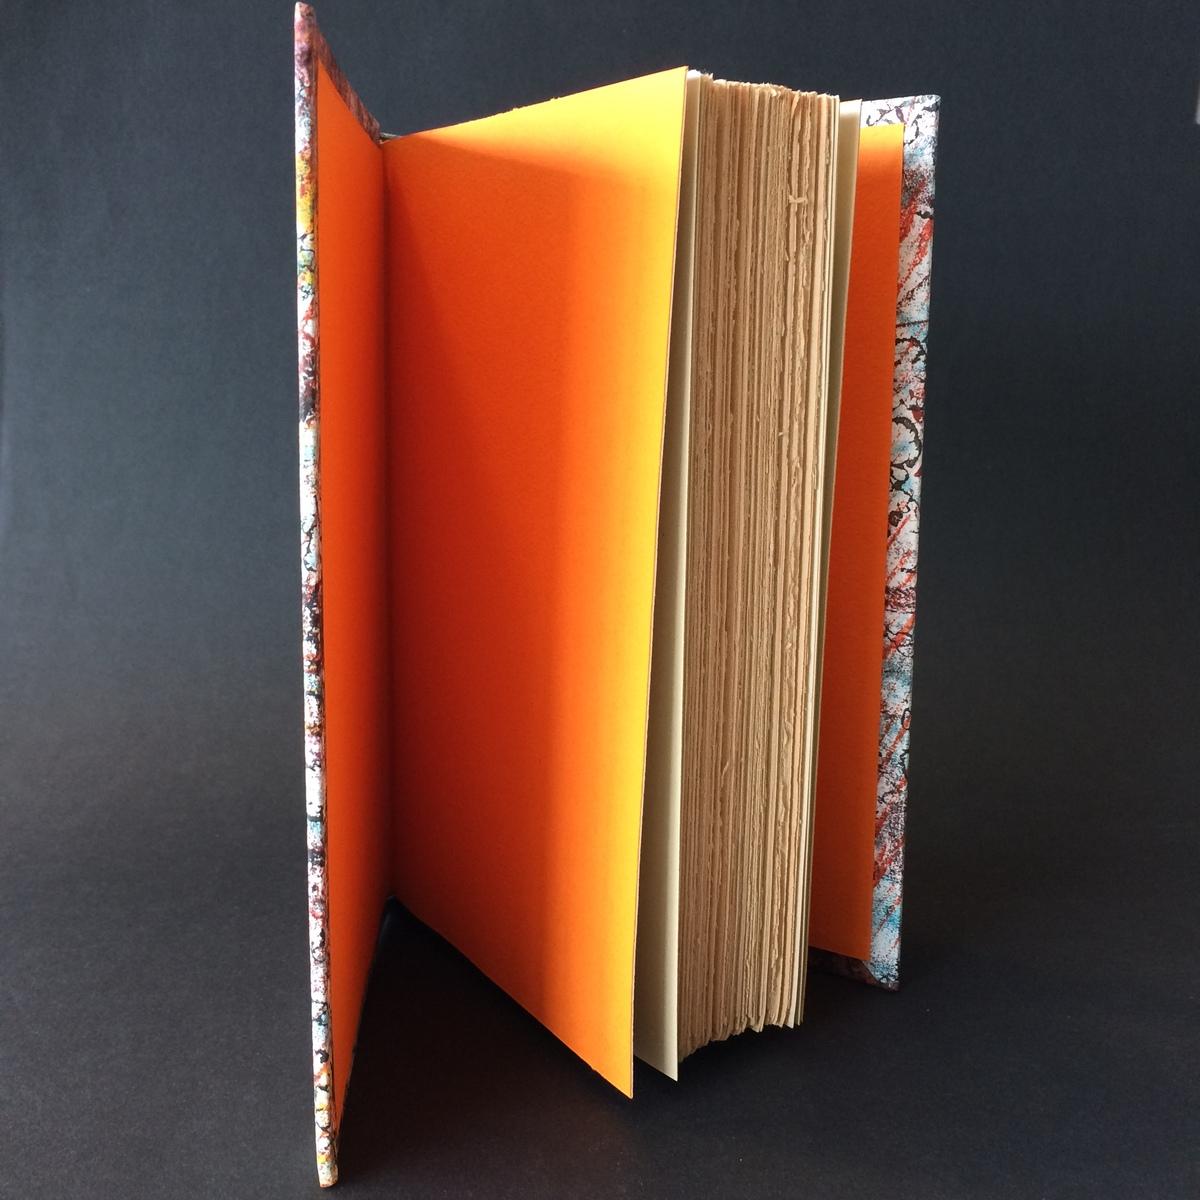 Gardes orange